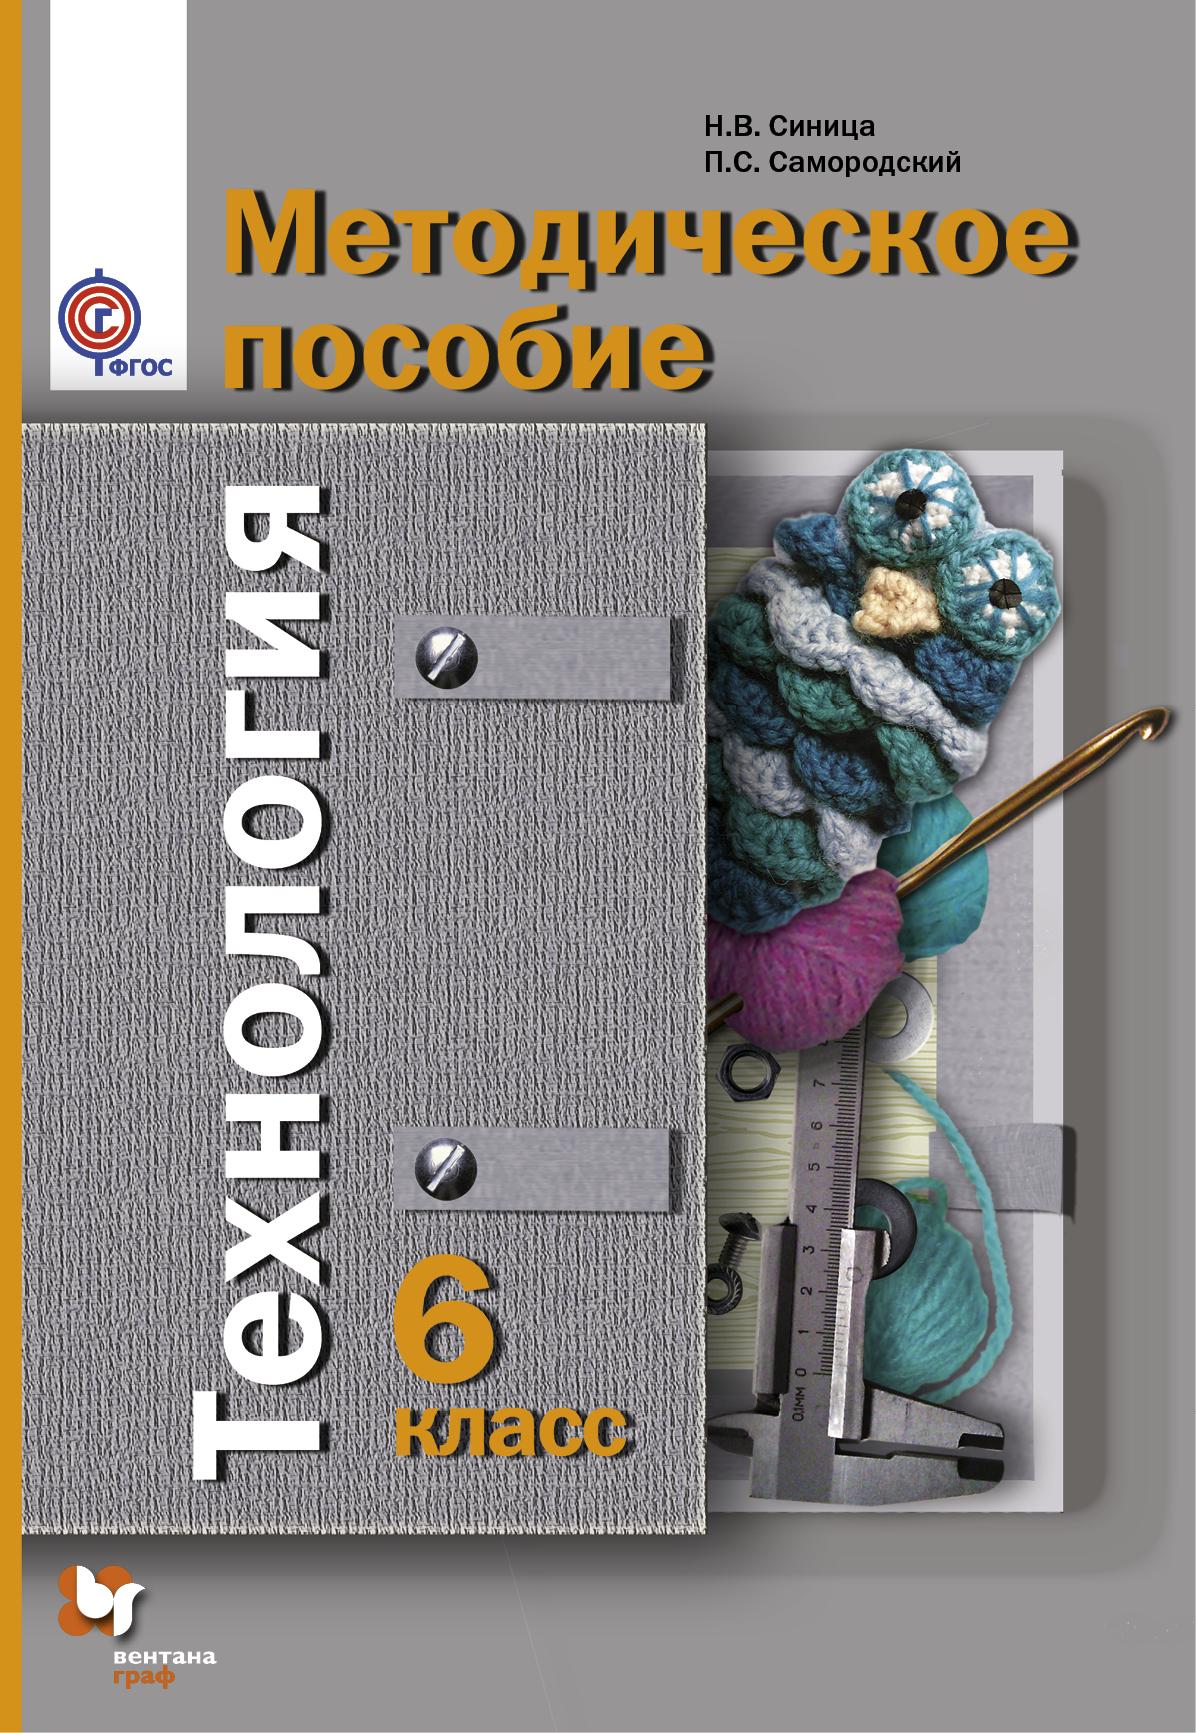 Н. В. Синица, П. С. Самородский Технология. 6 класс. Методическое пособие все цены